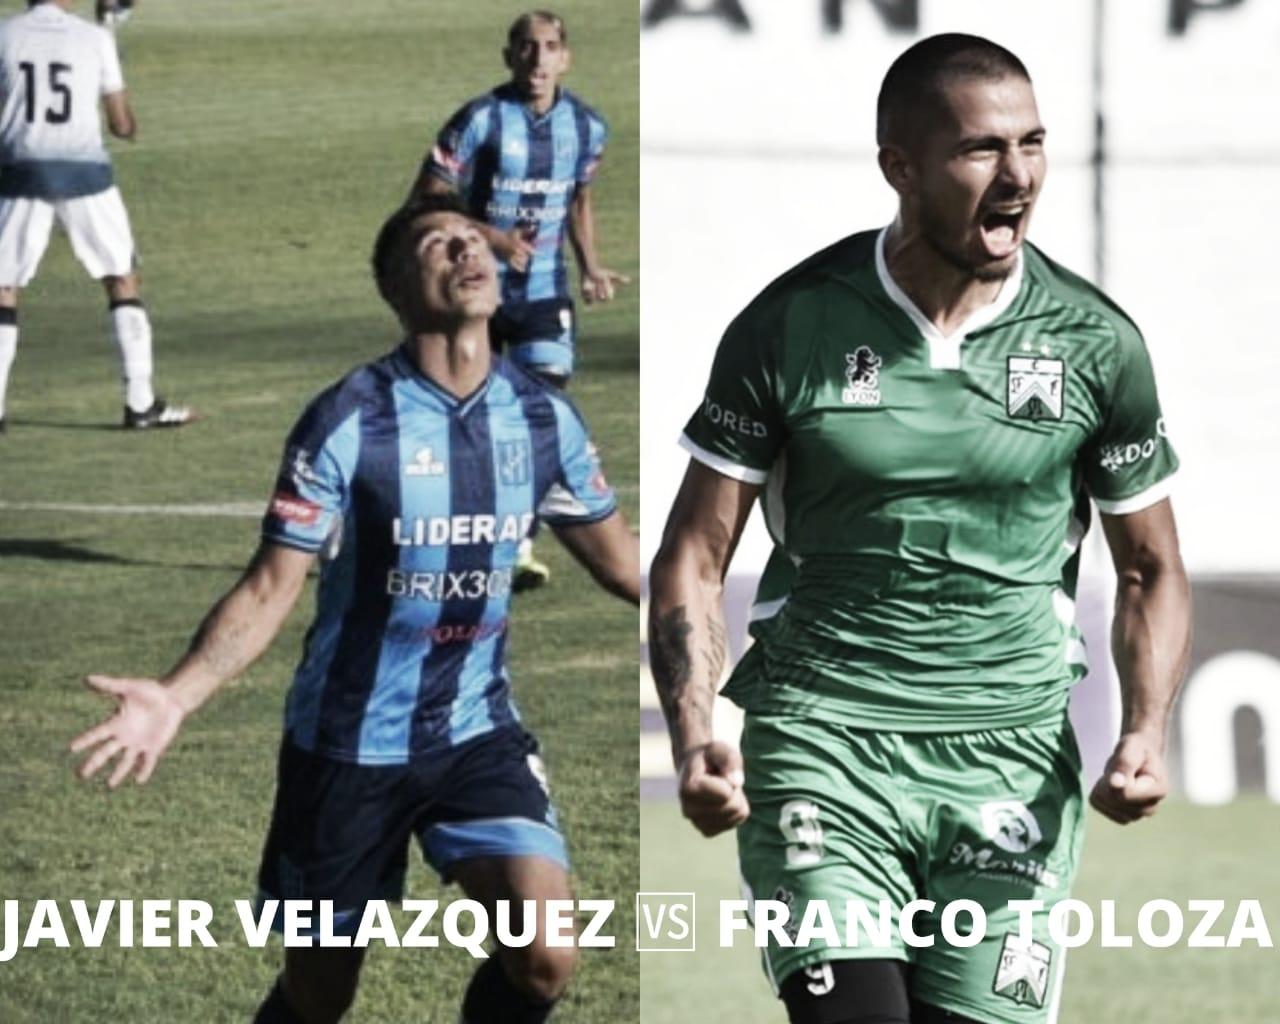 Franco Toloza vs Javier Velázquez: Las llaves del gol